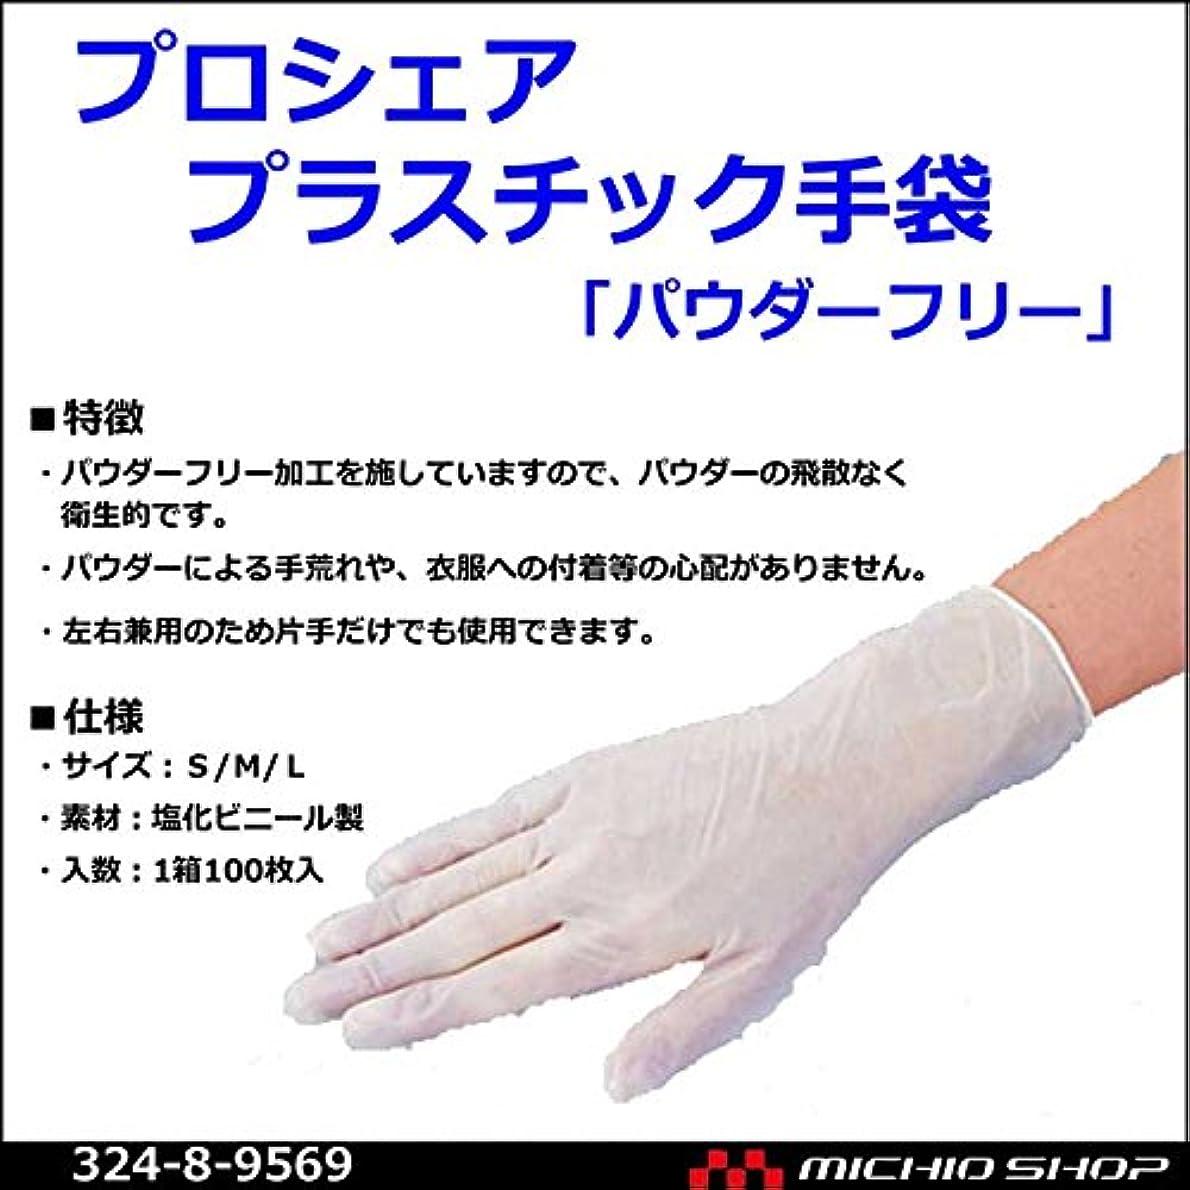 冒険つぼみ勧告アズワン プロシェアプラスチック手袋 100枚入 8-9569 04 SS